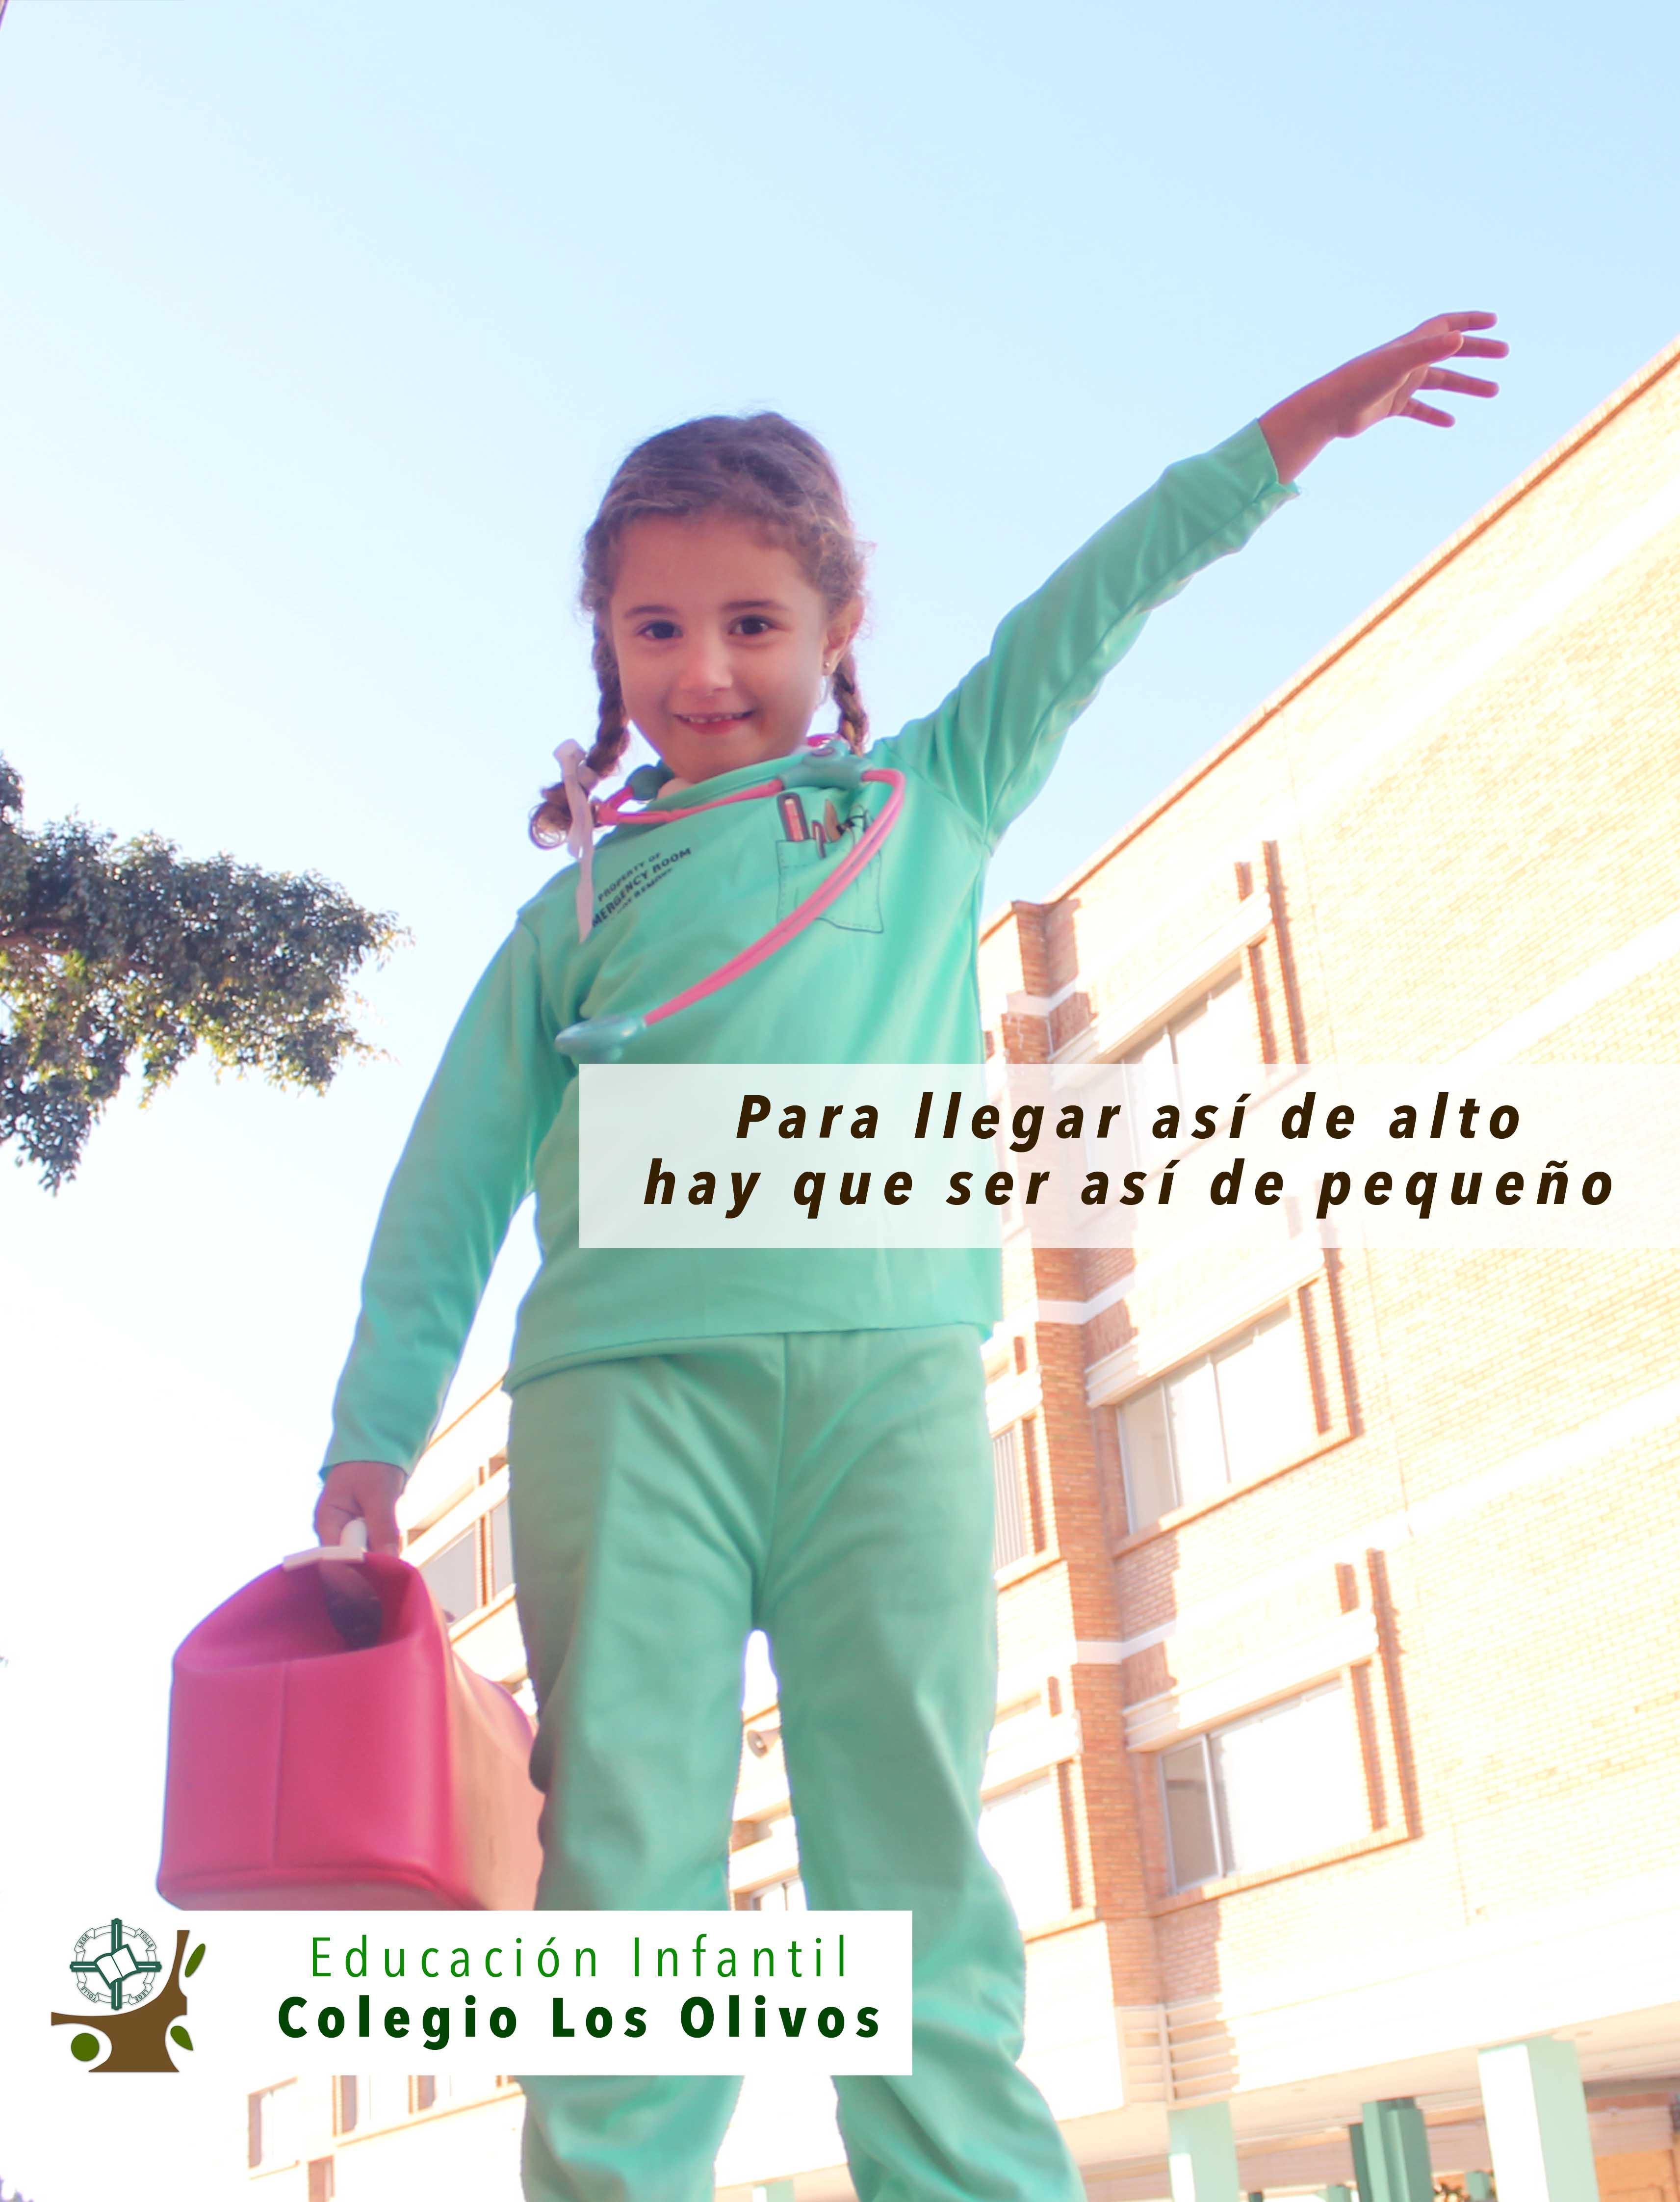 infantil-colegio-los-olivos